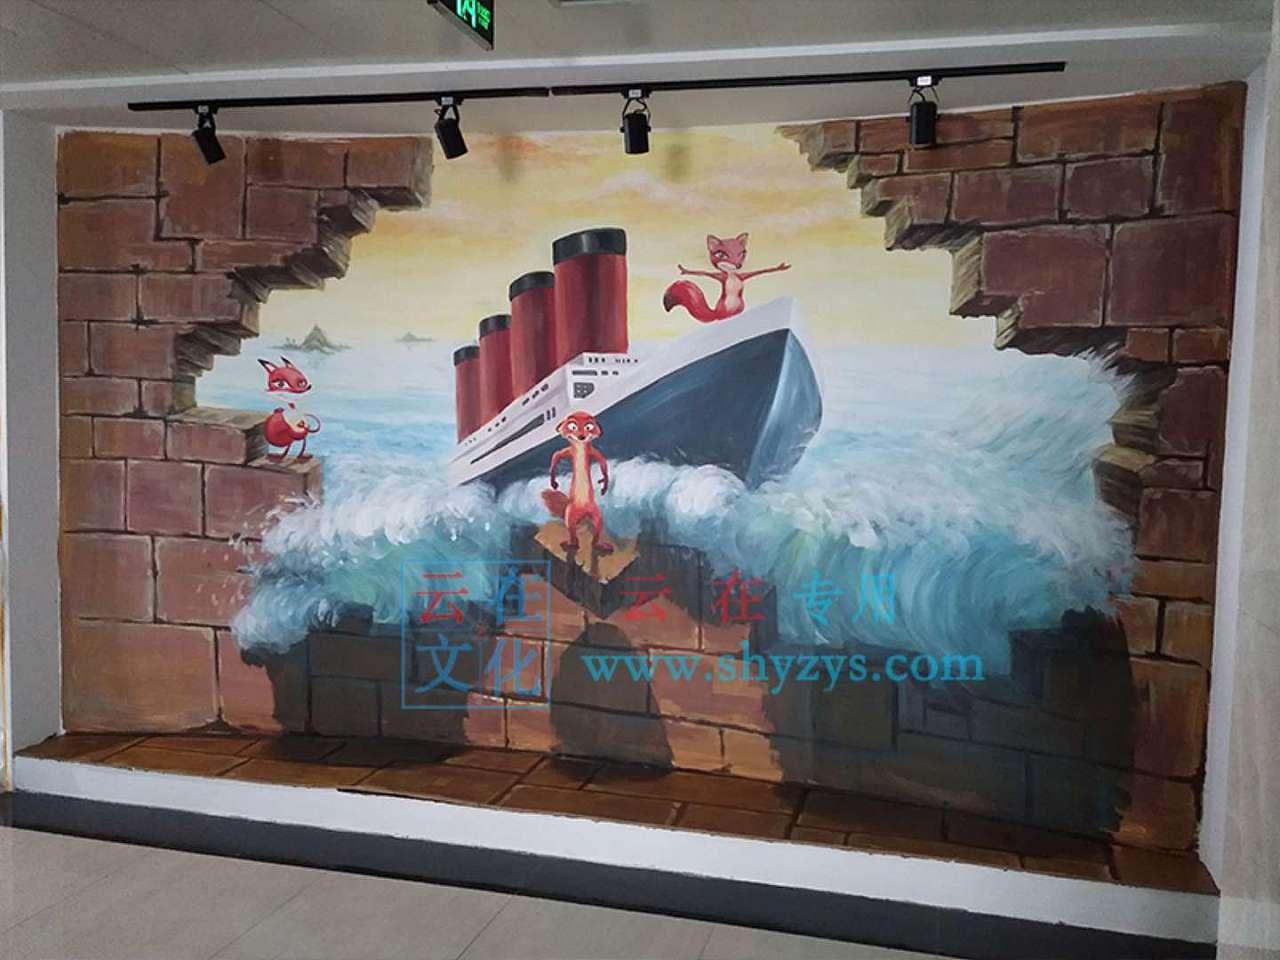 上海3d立体画公司——三只狐狸科技公司3d立体画墙绘